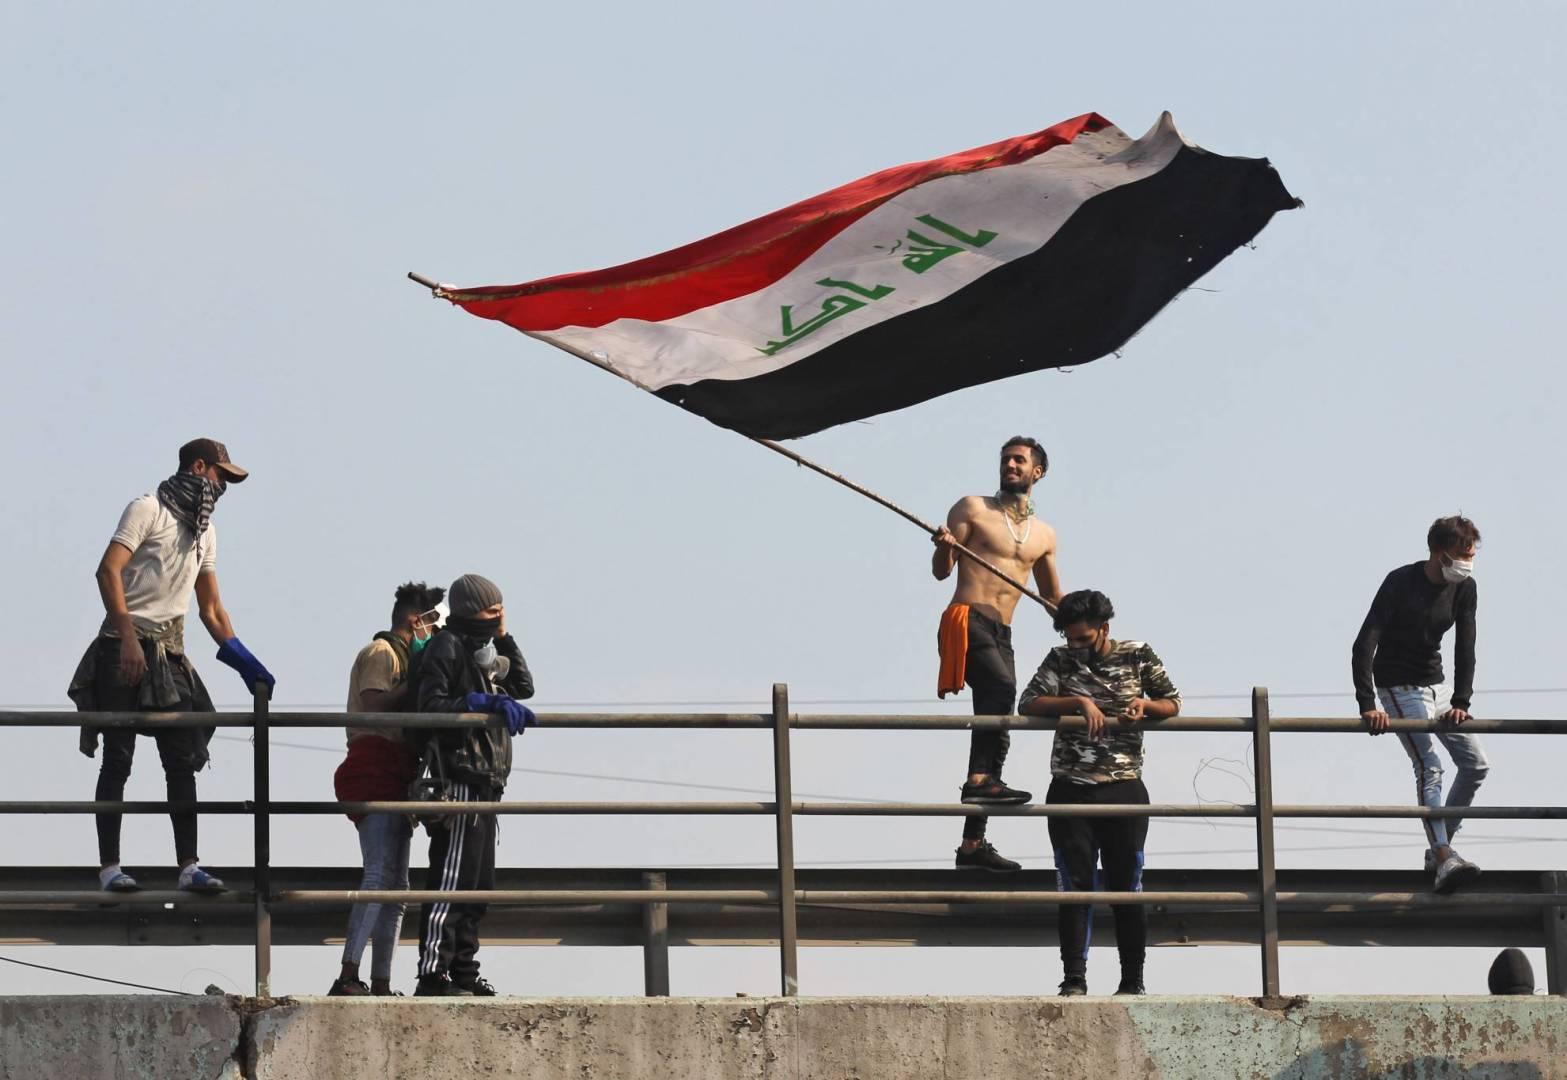 محتج عراقي يلوح بالعلم الوطني خلال مظاهرة مناهضة للحكومة على طريق محمد القاسم السريع